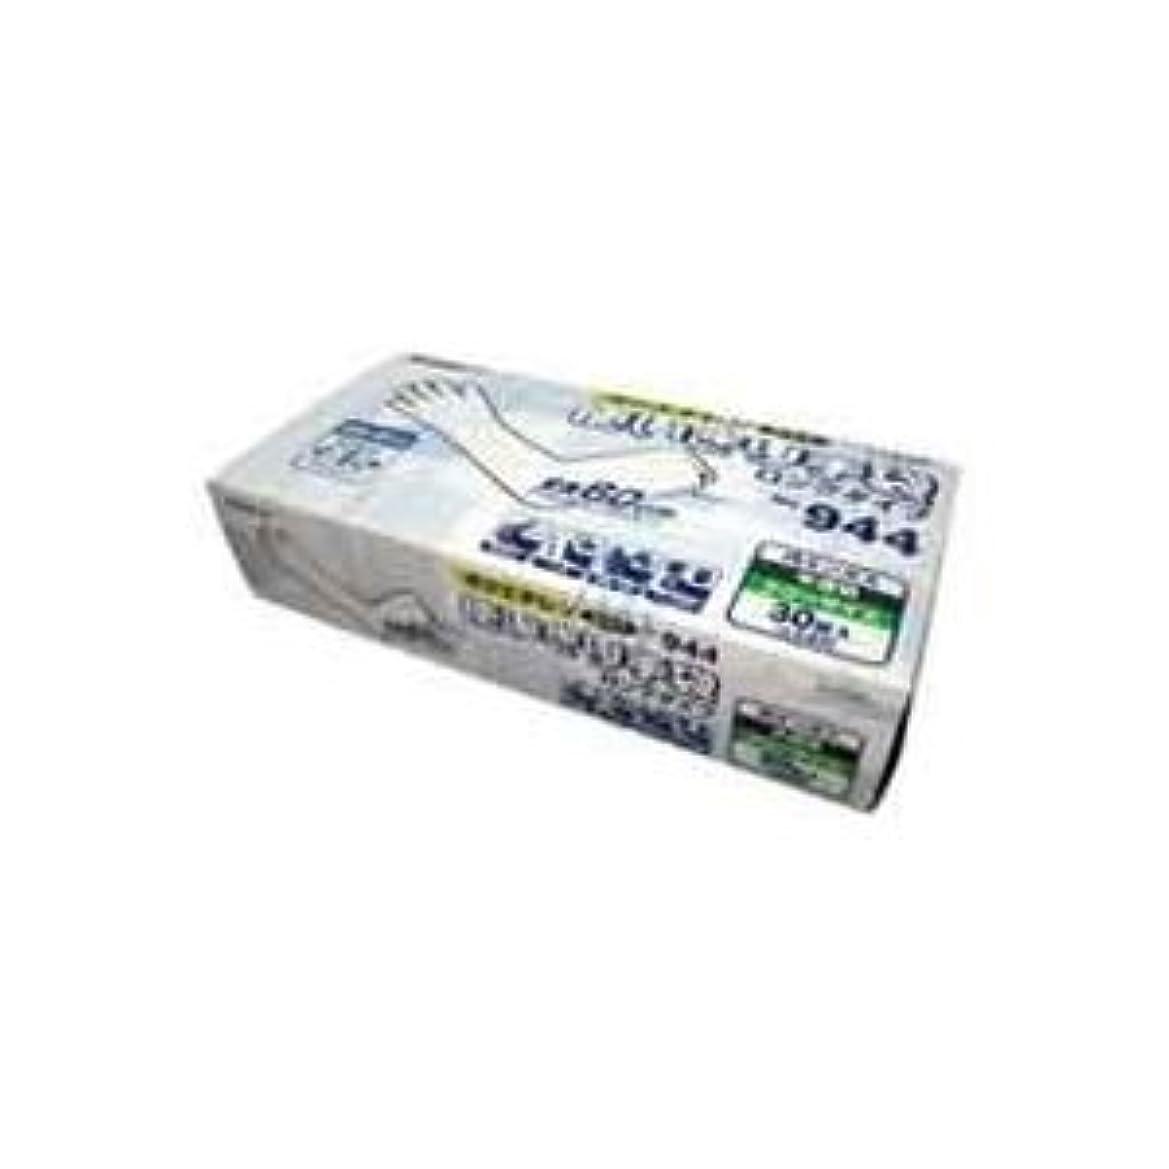 バリー徴収カッターインテリア 日用雑貨 掃除用品 (業務用3セット)モデルローブNo.944 ポリエチレン 半透明 30枚